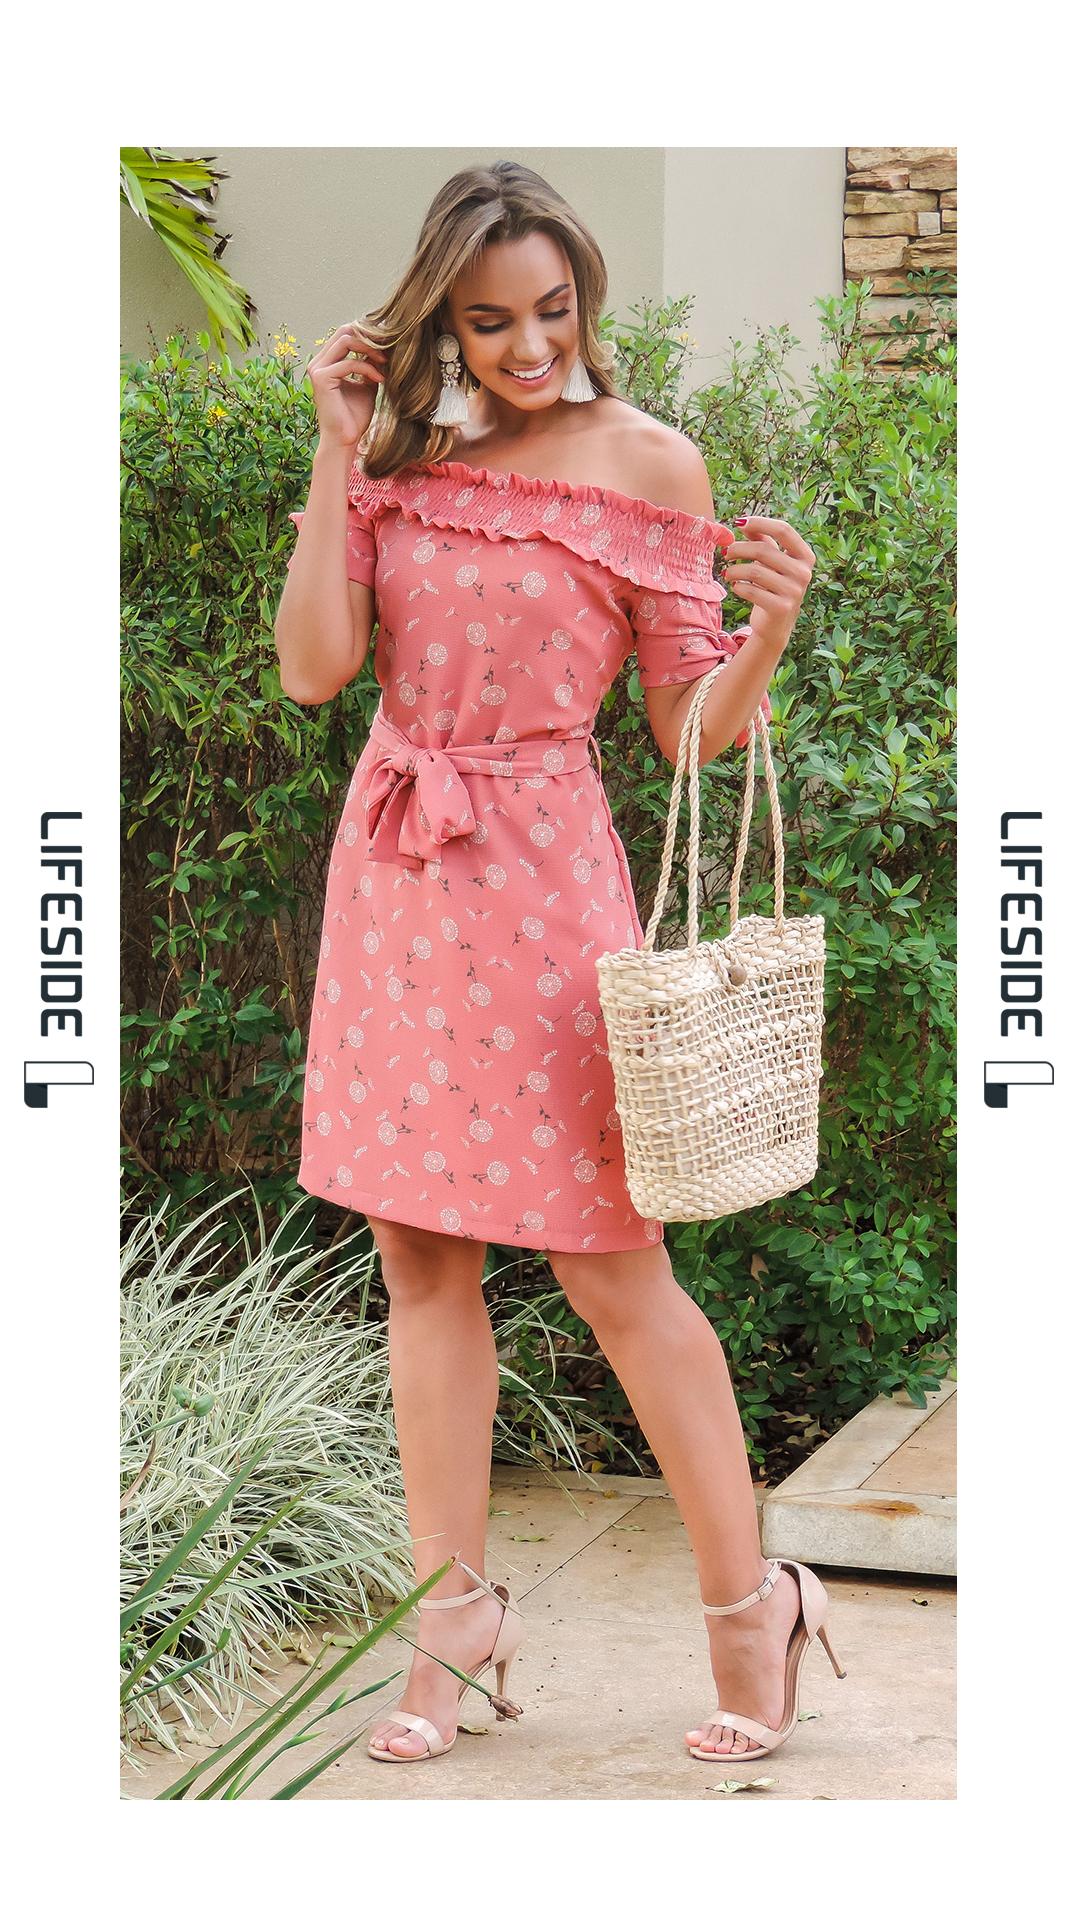 4ae338ec LIFESIDE   Moda Feminina Primavera 2019. Vestido salmão com estampa de  flores. Vestido em crepe bubble. Vestido com faixa na cintura.